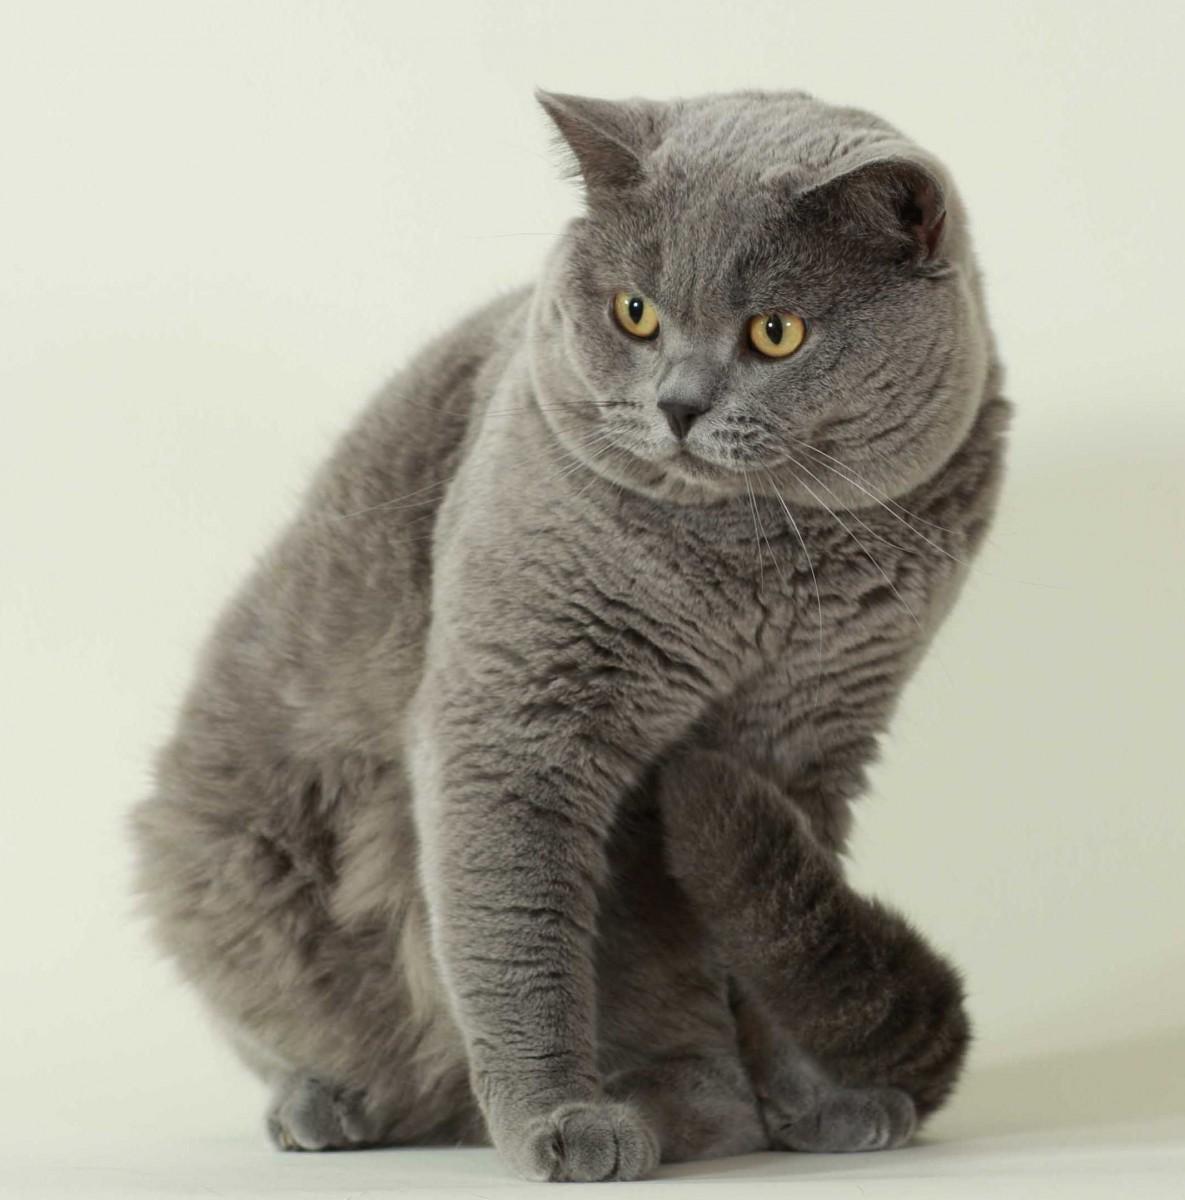 可愛すぎ,ブリティッシュショートヘア,猫,画像,貼っていく133